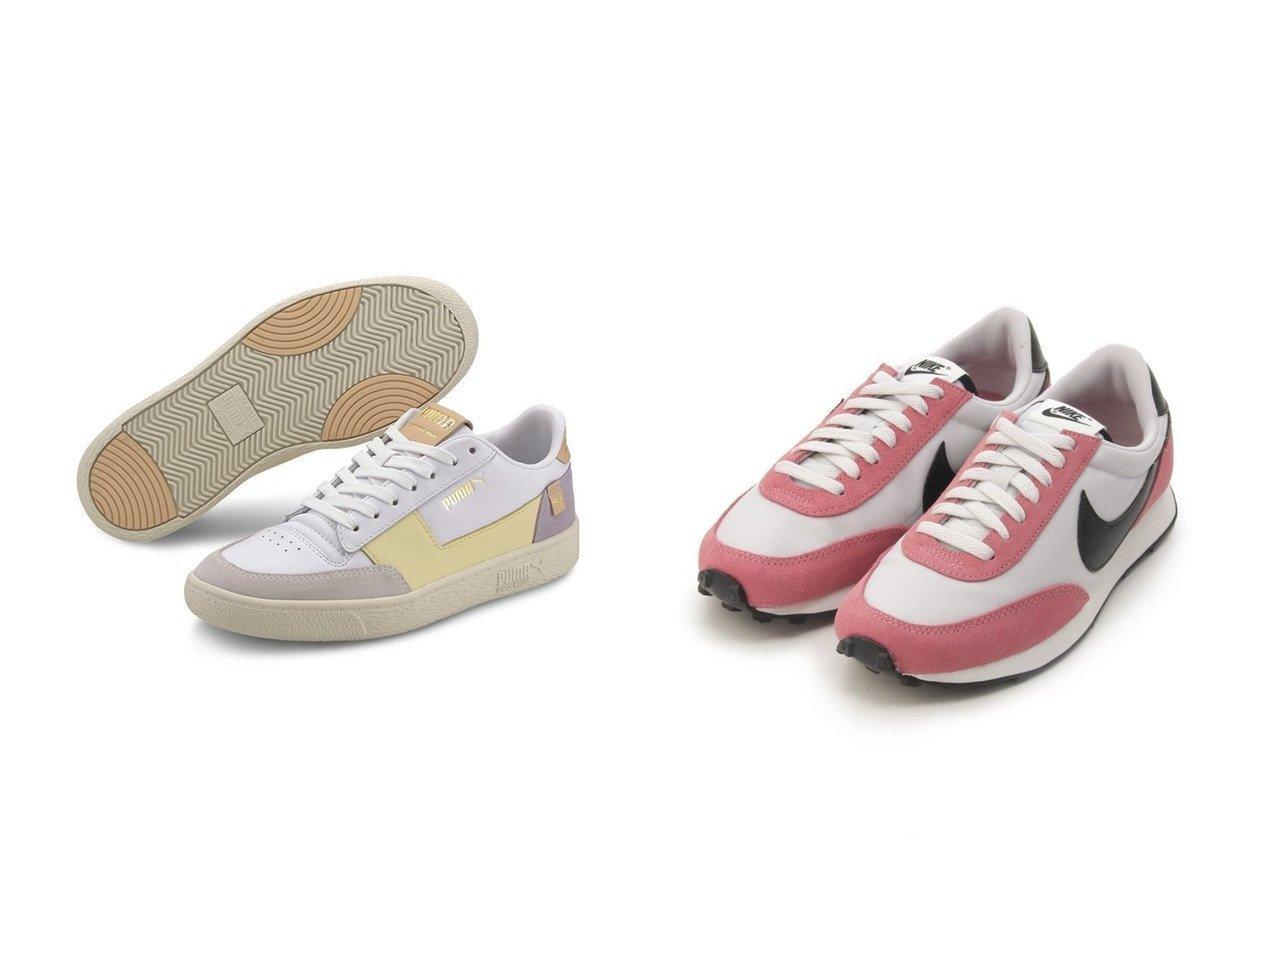 【emmi/エミ】の【PUMA】ラルフサンプソン MC&【NIKE】W NIKE DBREAK シューズ・靴のおすすめ!人気、トレンド・レディースファッションの通販  おすすめで人気の流行・トレンド、ファッションの通販商品 メンズファッション・キッズファッション・インテリア・家具・レディースファッション・服の通販 founy(ファニー) https://founy.com/ ファッション Fashion レディースファッション WOMEN シューズ スニーカー スリッポン プリント ミックス ヴィンテージ フェミニン 切替  ID:crp329100000009842